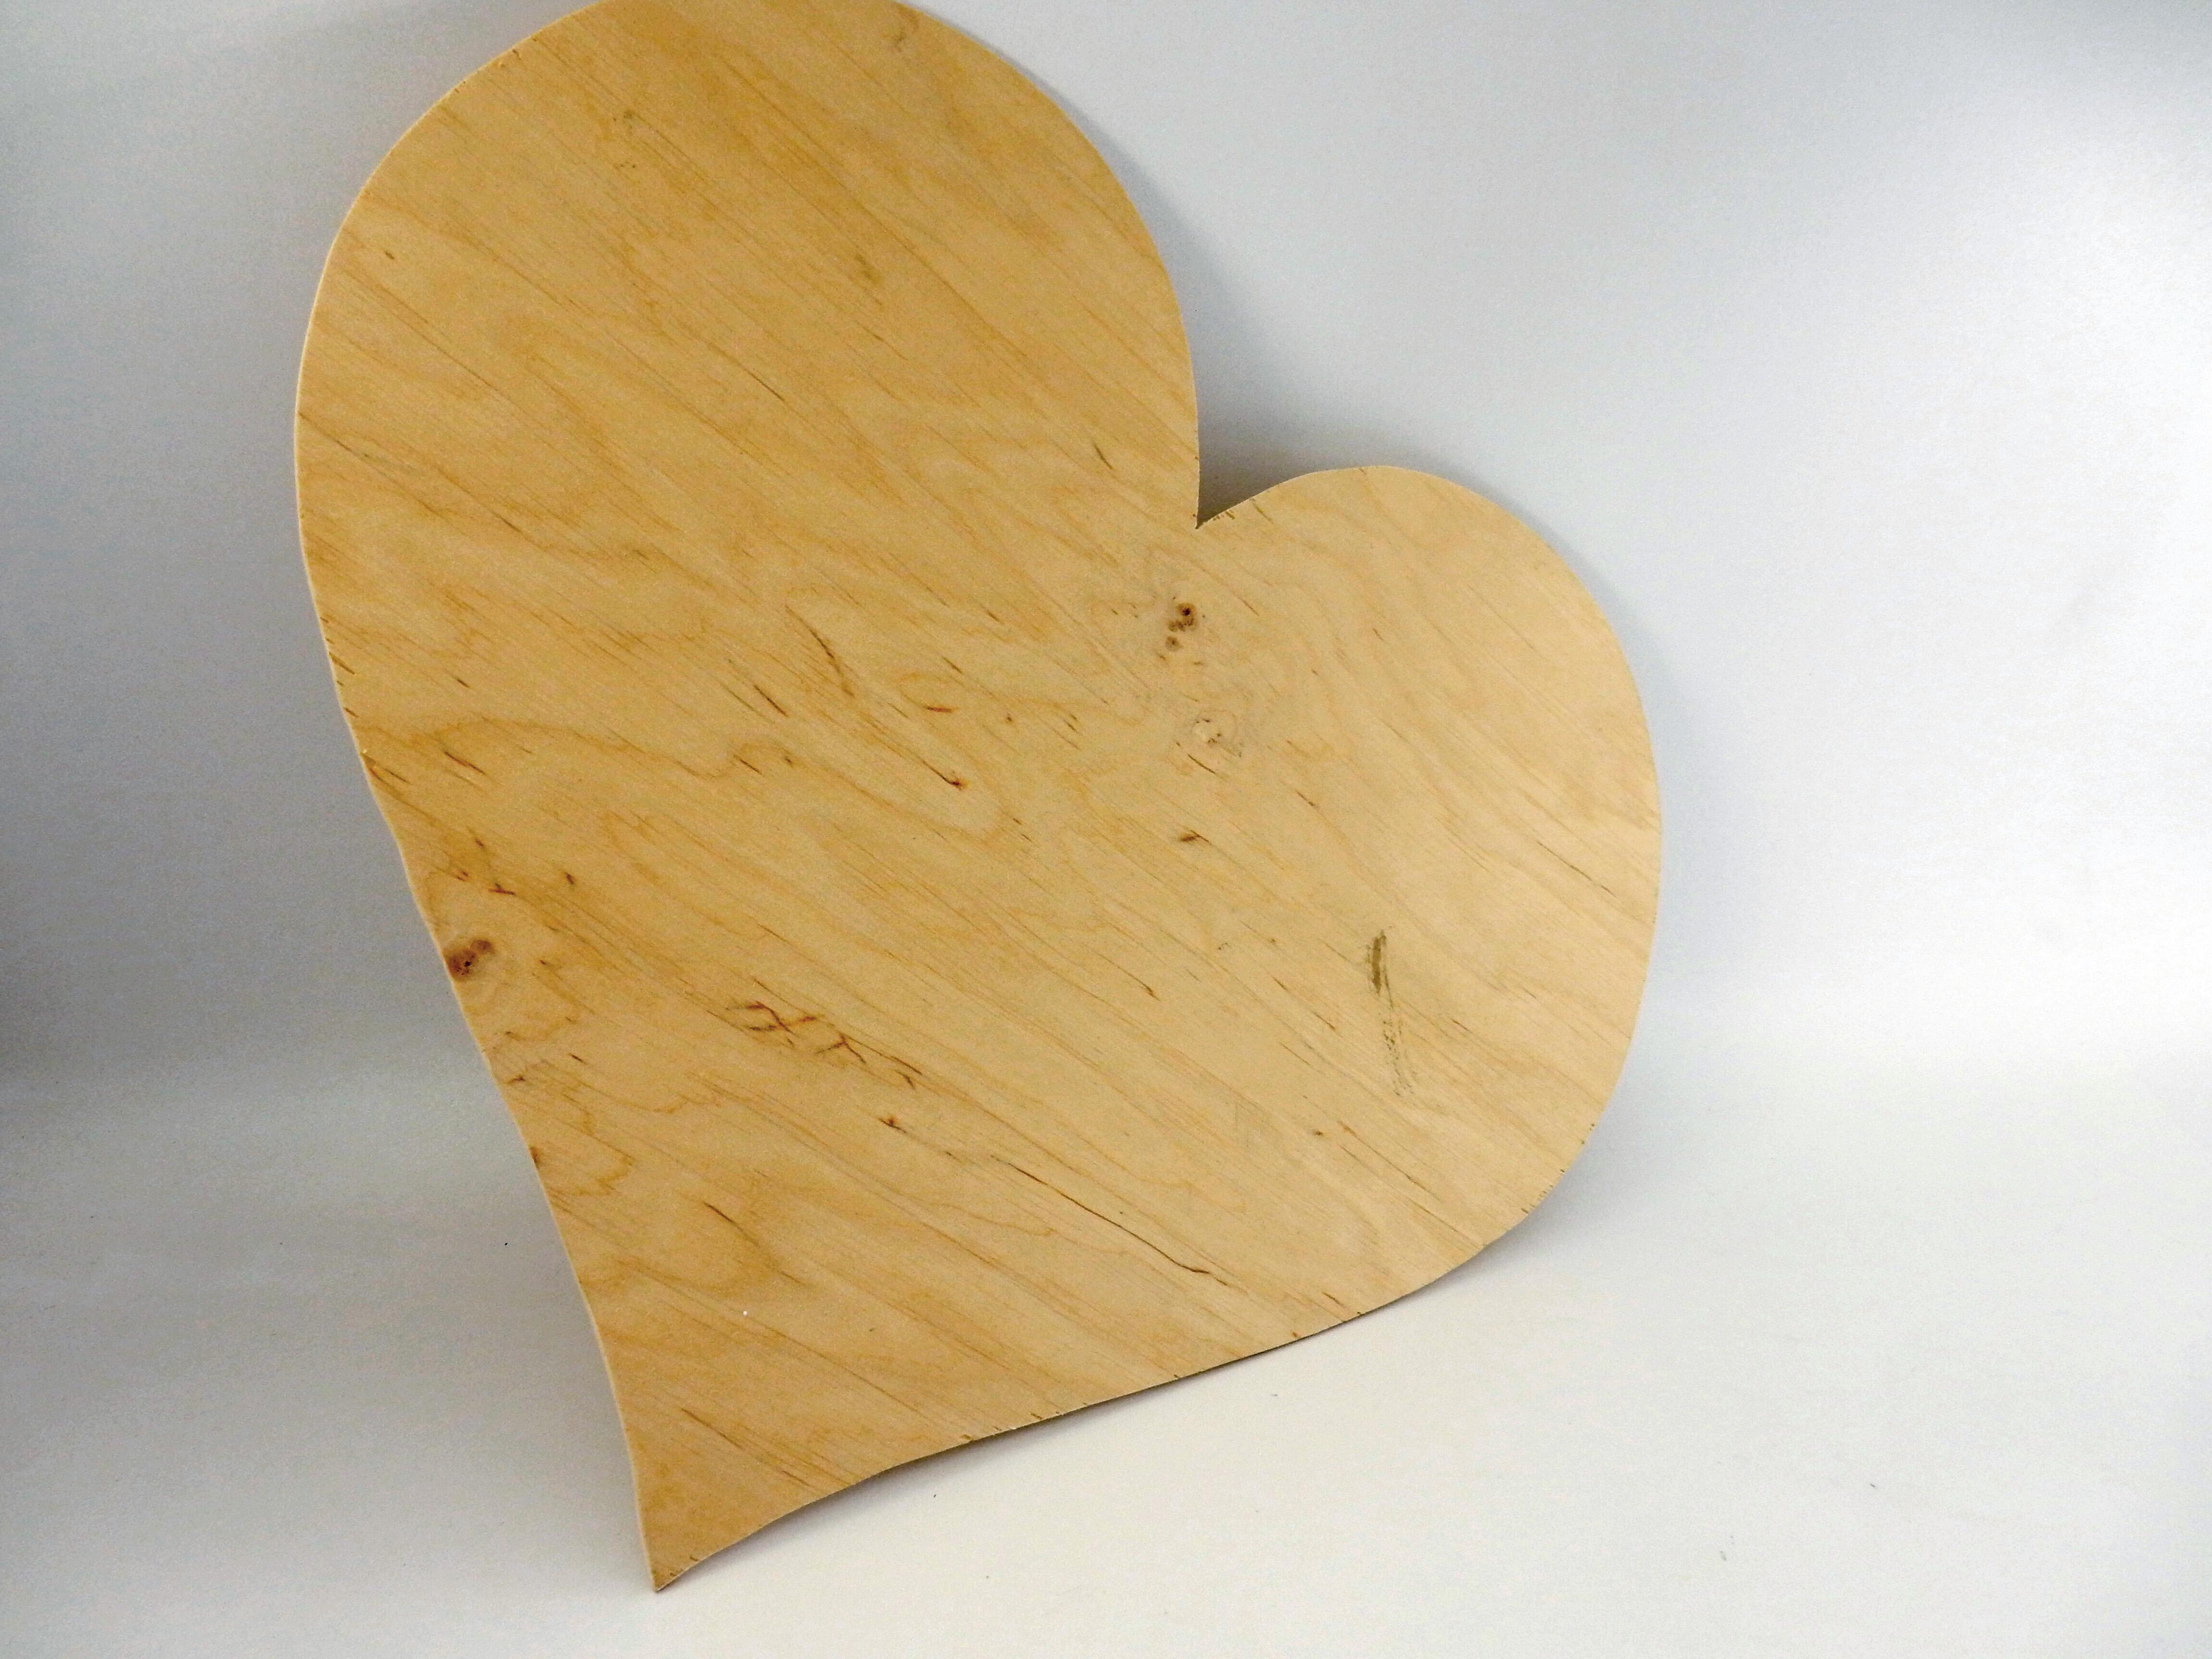 Ръчно изработено табло за пожелания от лек брезов шперплат във формата на сърце. Една по-нестандартна идея за вашата сватба, алтернатива на традиционите книги. След като гостите ви оставят своите пожелания, послания и съвети, това красиво естествено табло, освен спомен от най-щастливия ден, ще може да бъде закачено като декорация във вашия дом. Практично и не формално, това табло ще е очарователен детайл към сватбената декорация. Всяко едно табло е гравирано с имената на младоженците и датата, като по ваше желание текста може да бъде променен. Към таблото ще получите тънкописец, с който вашите гости да пишат директно върху него. Размери: височина 36 см; широчина 40 см; дебелина 0,4см.